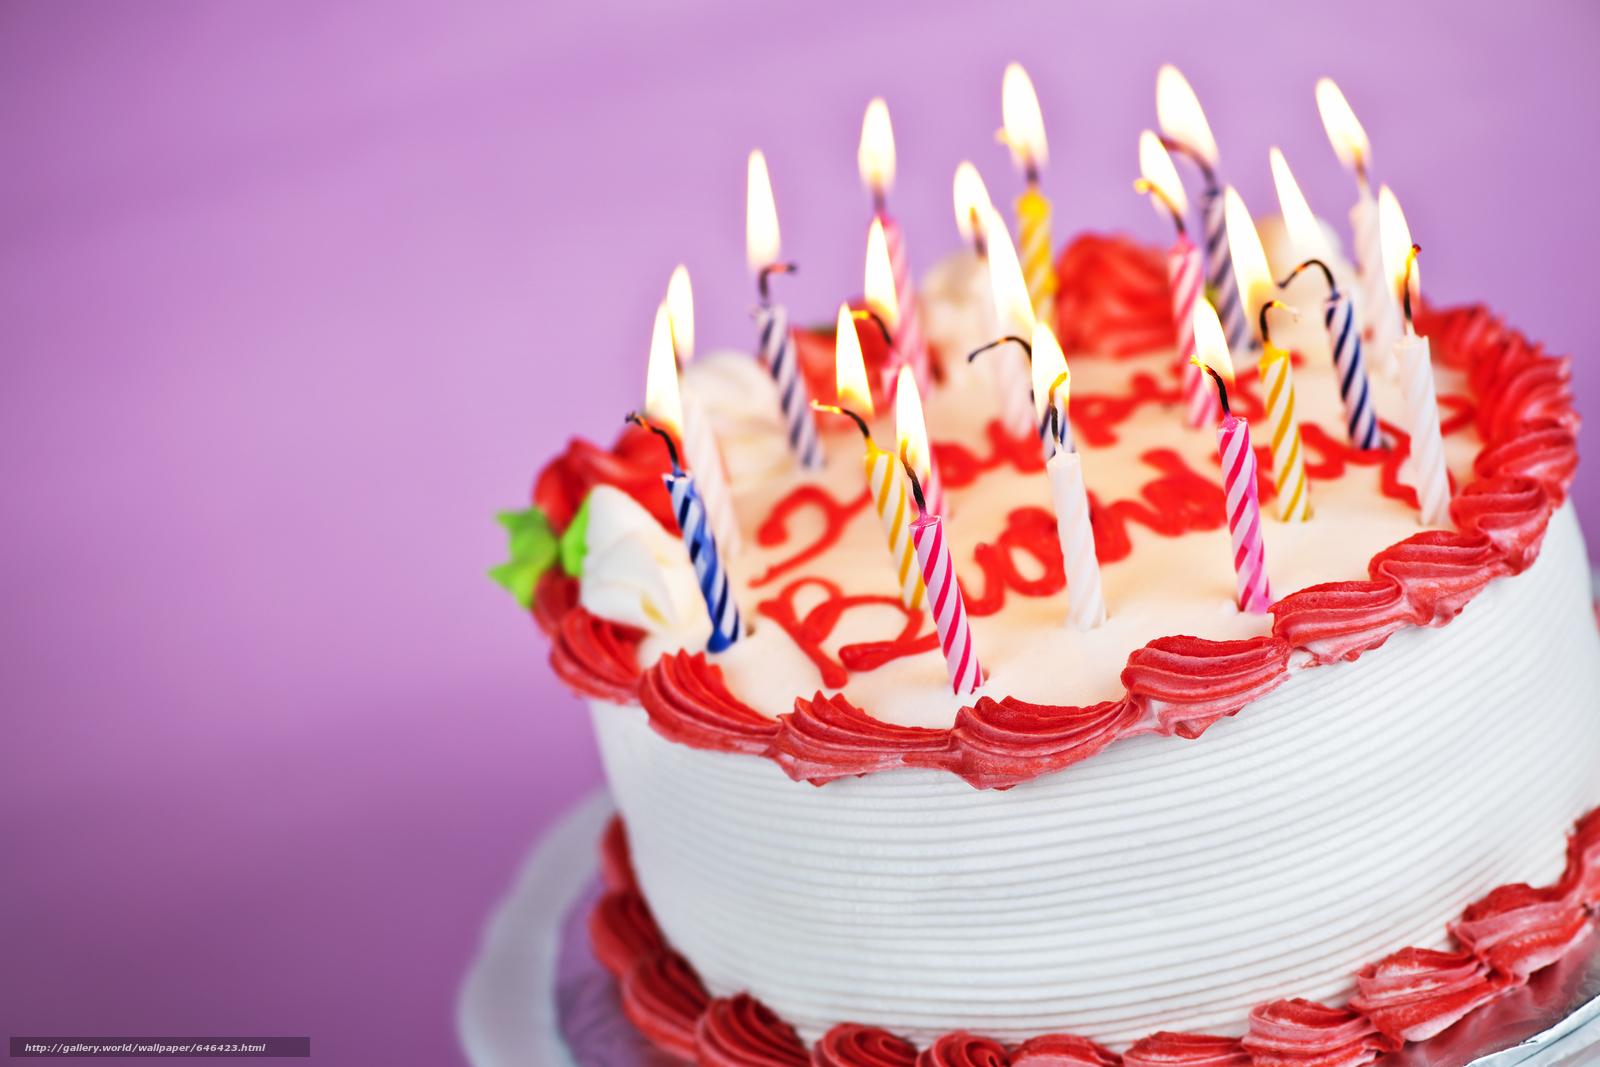 Скачать обои торт,  свечи,  еда бесплатно для рабочего стола в разрешении 6048x4032 — картинка №646423